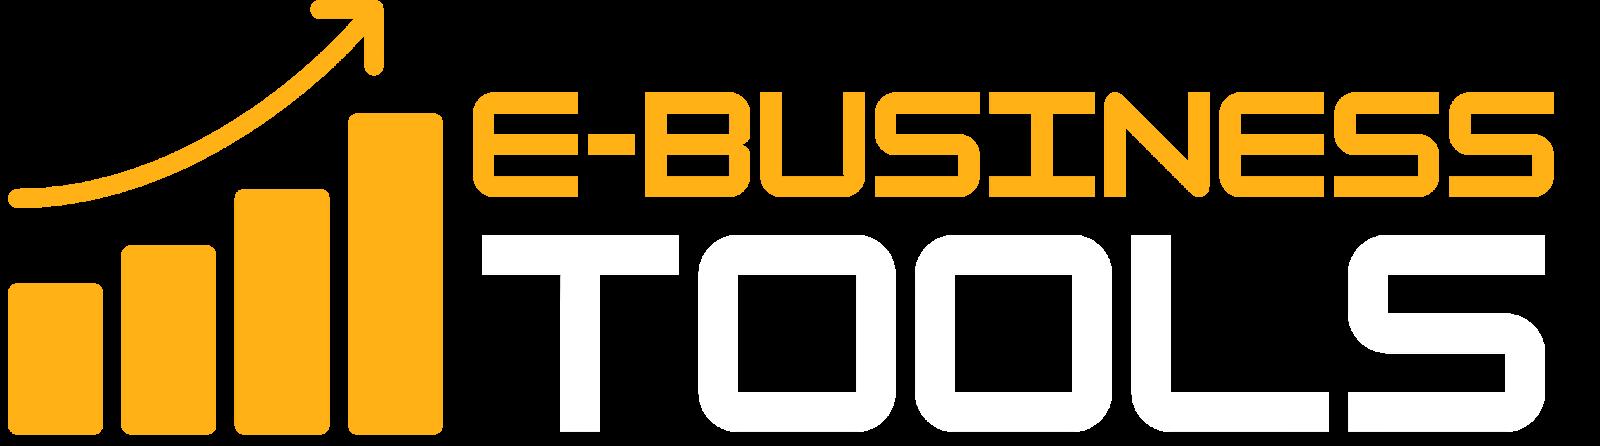 E-Business Tools